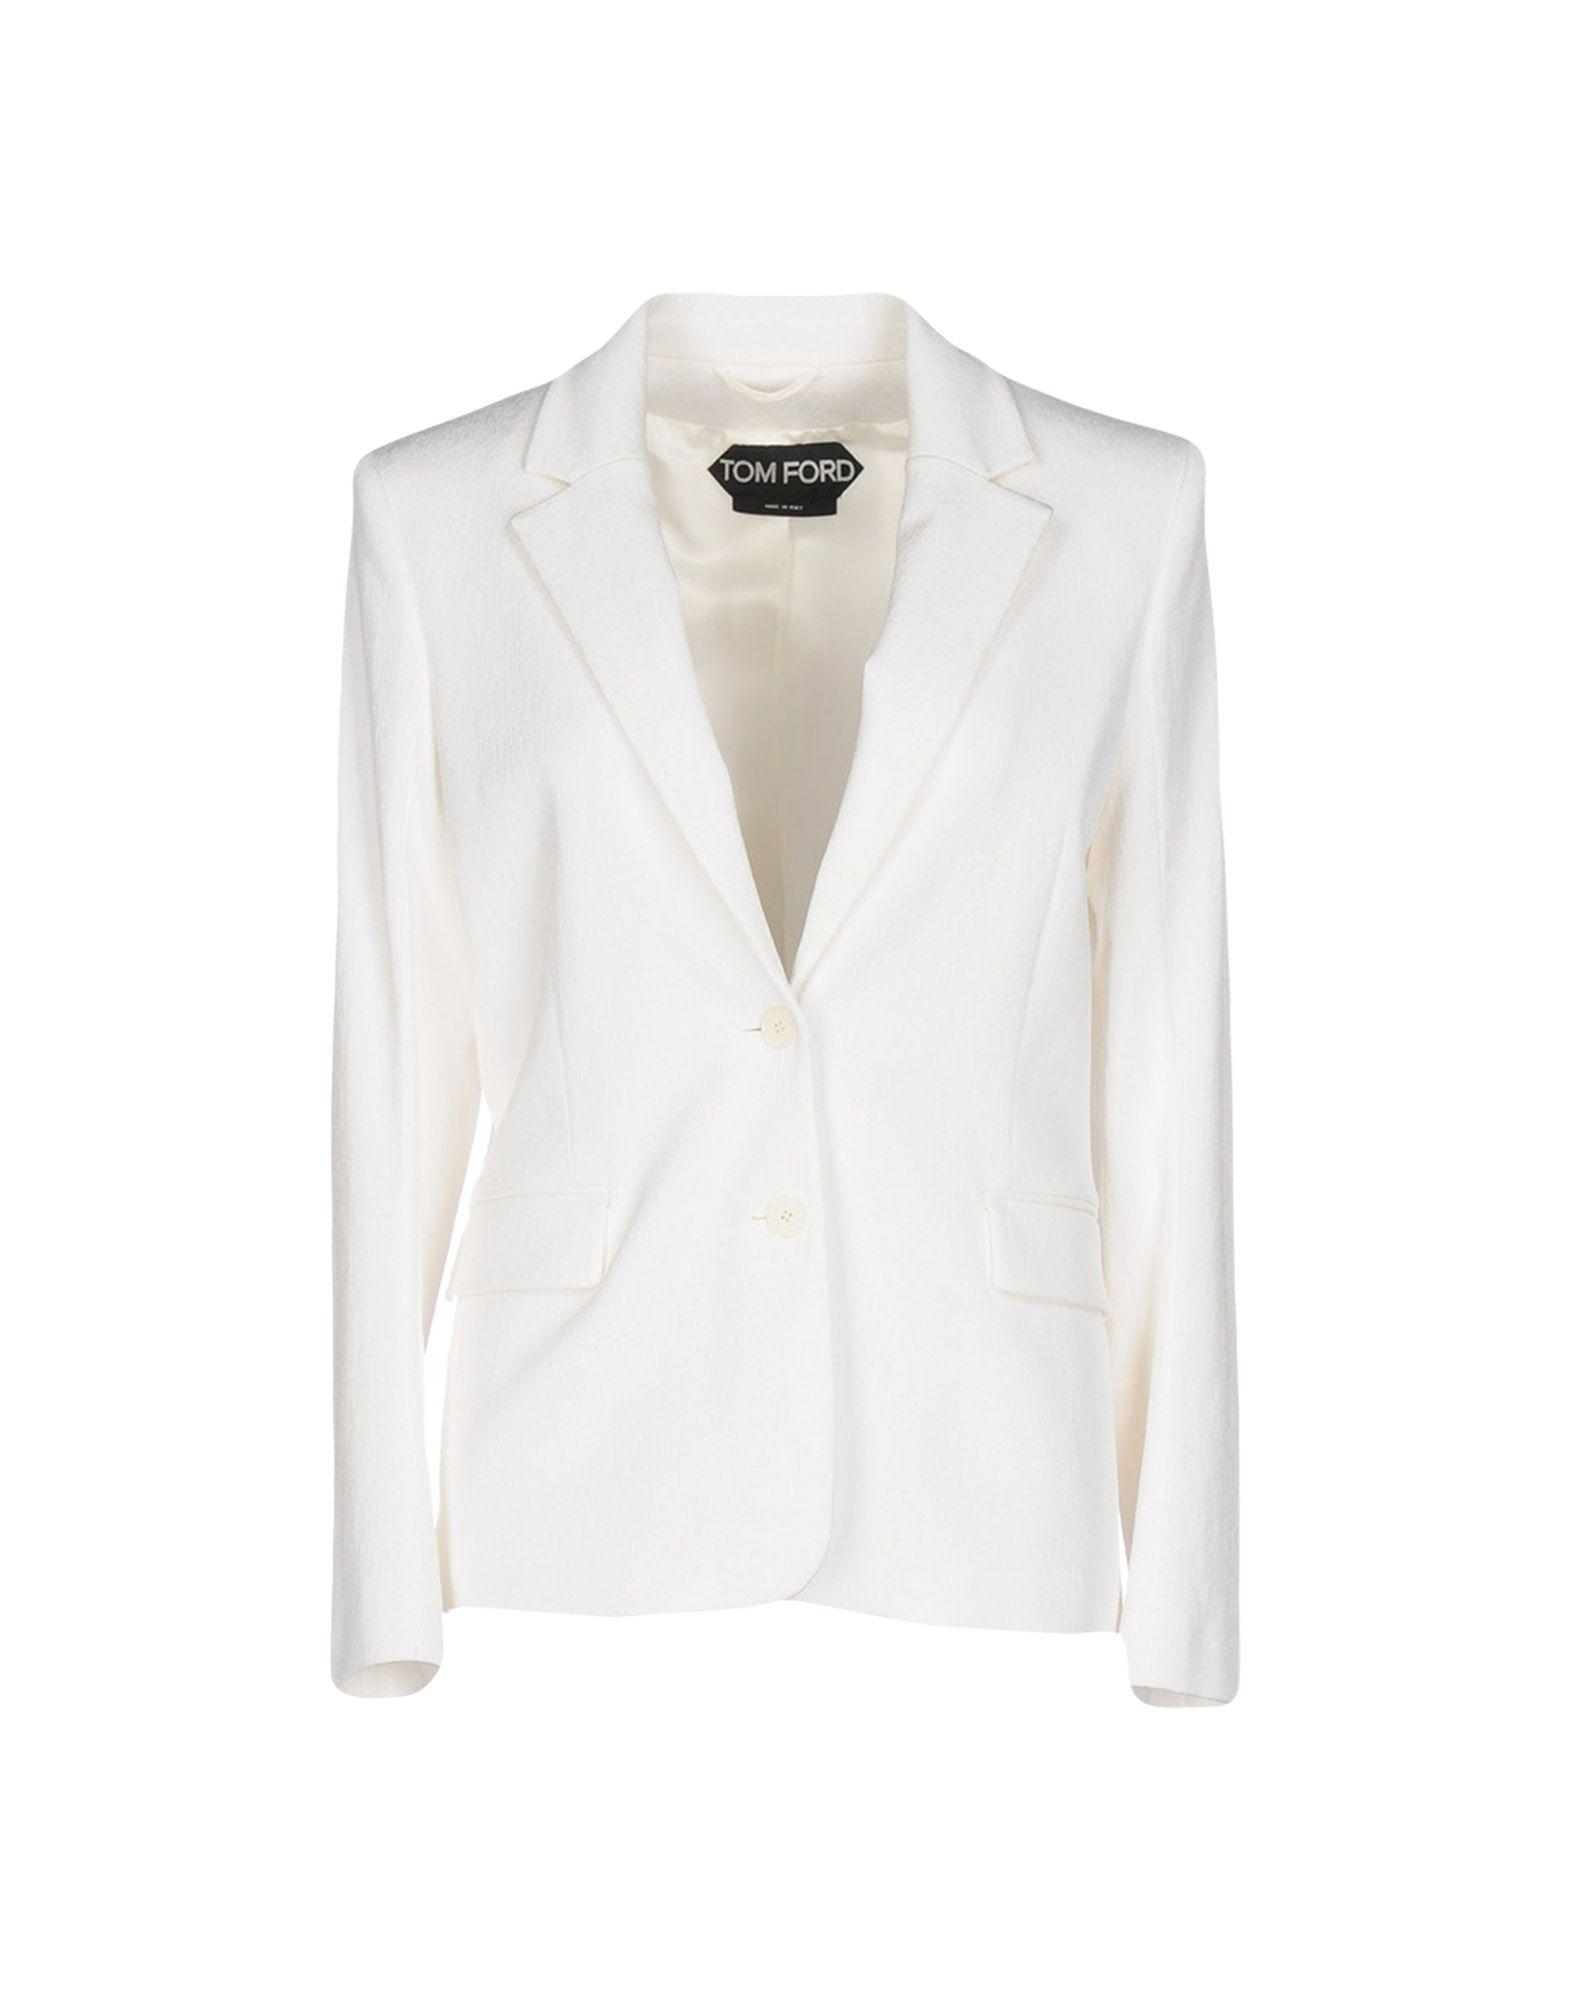 TOM FORD Damen Jackett Farbe Elfenbein Größe 5 jetztbilligerkaufen